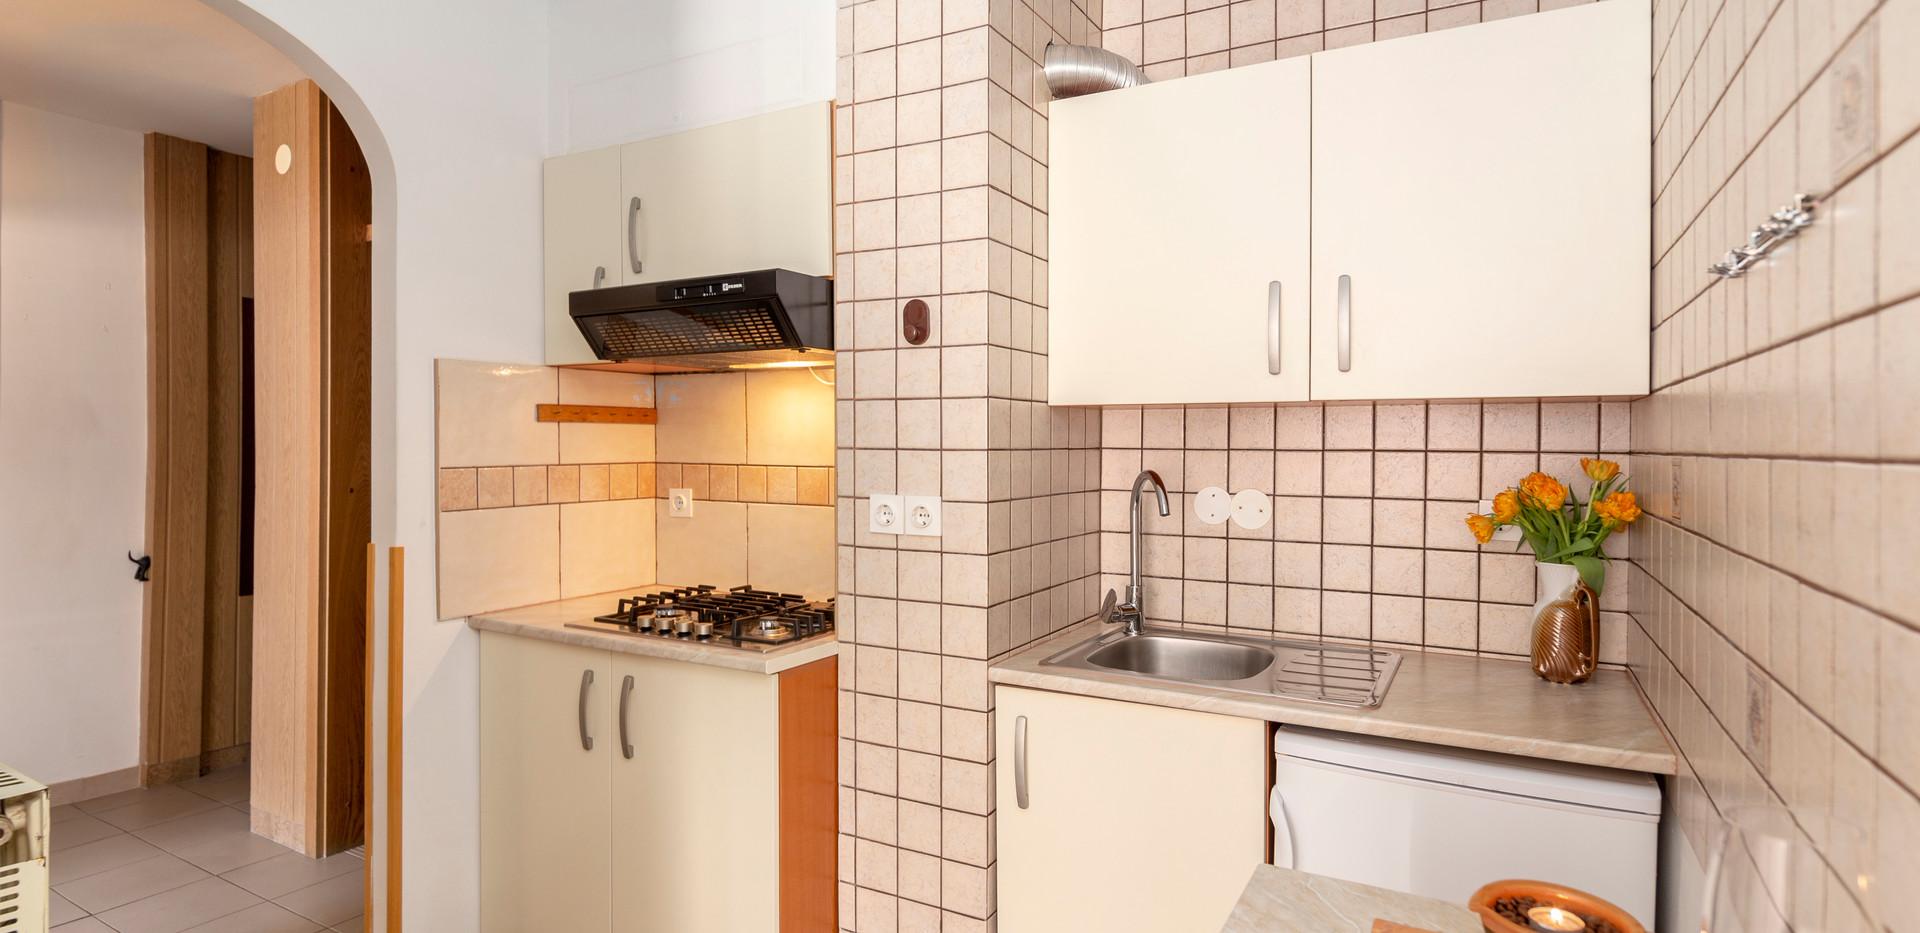 E-101-kitchen_1493.jpg